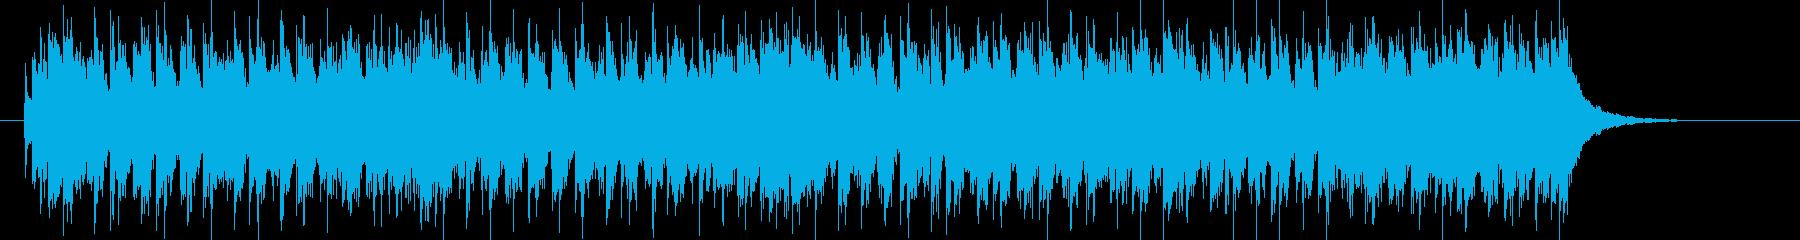 疾走感のある明るい音楽の再生済みの波形